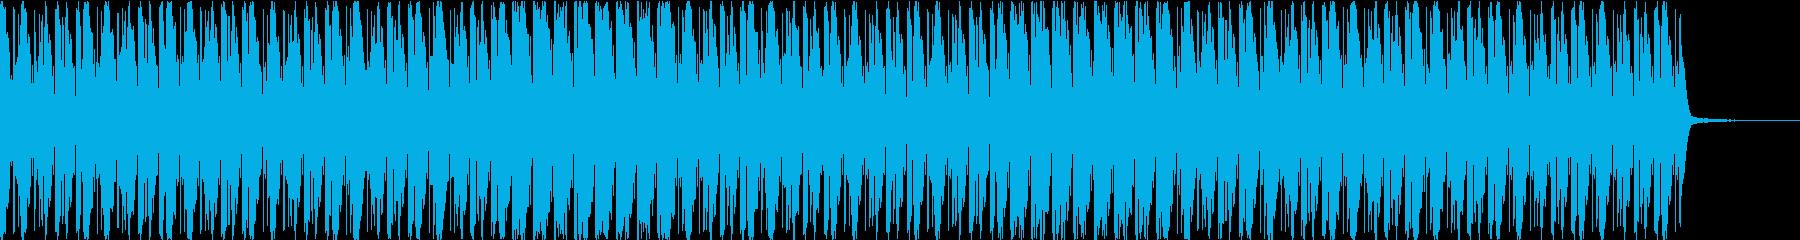 アコーディオンによる三拍子のワルツ風の再生済みの波形